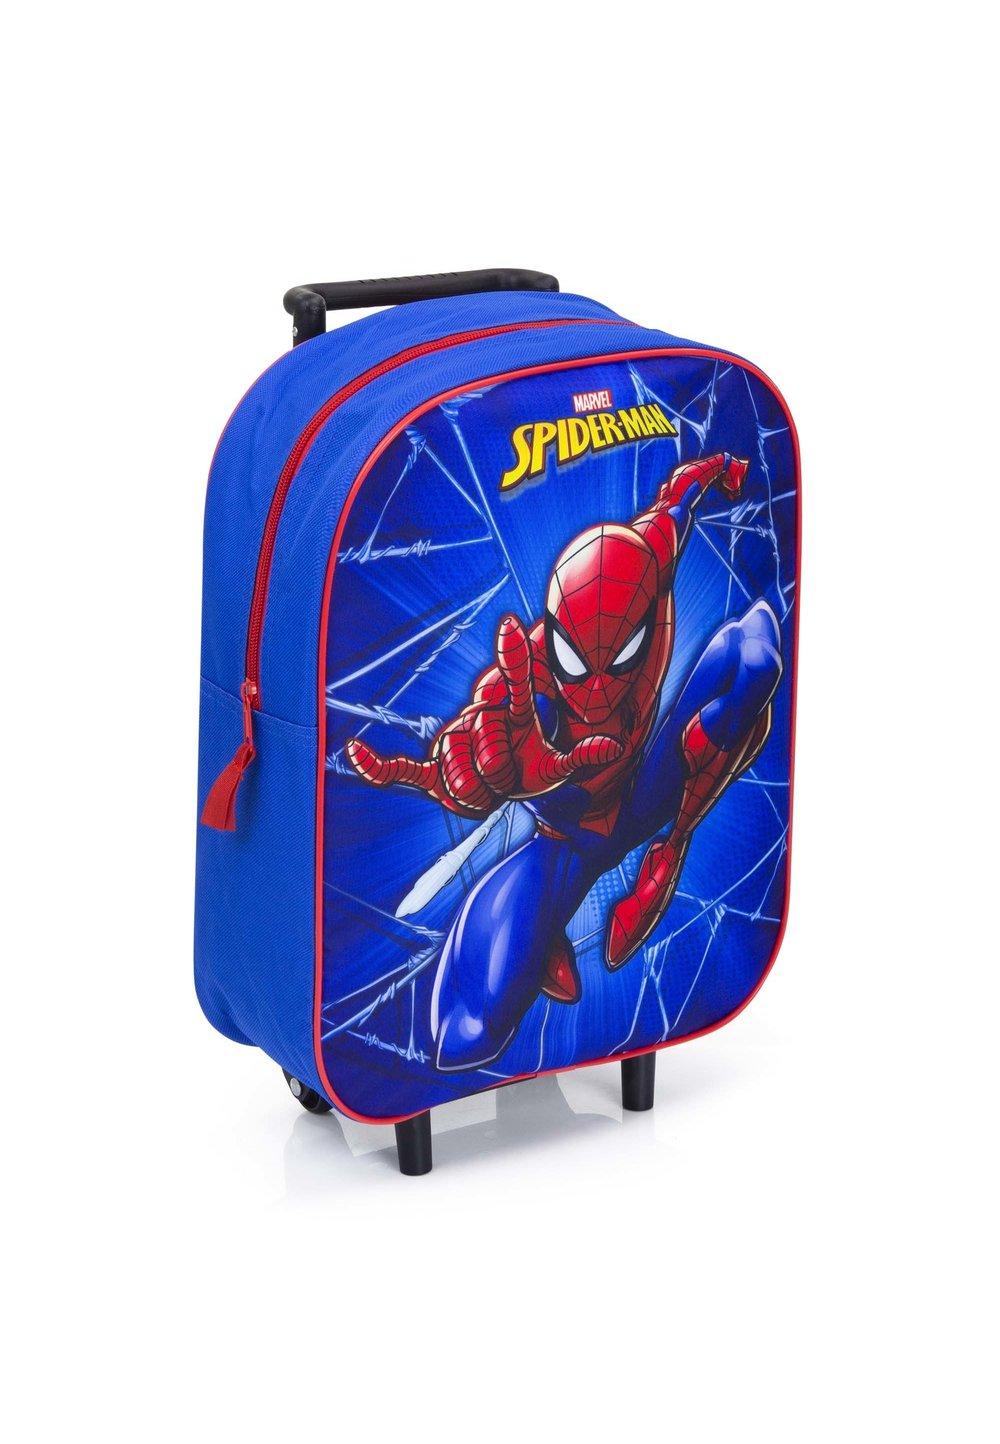 Troller Spider Man, albastru, 39 x 30 x 13 imagine